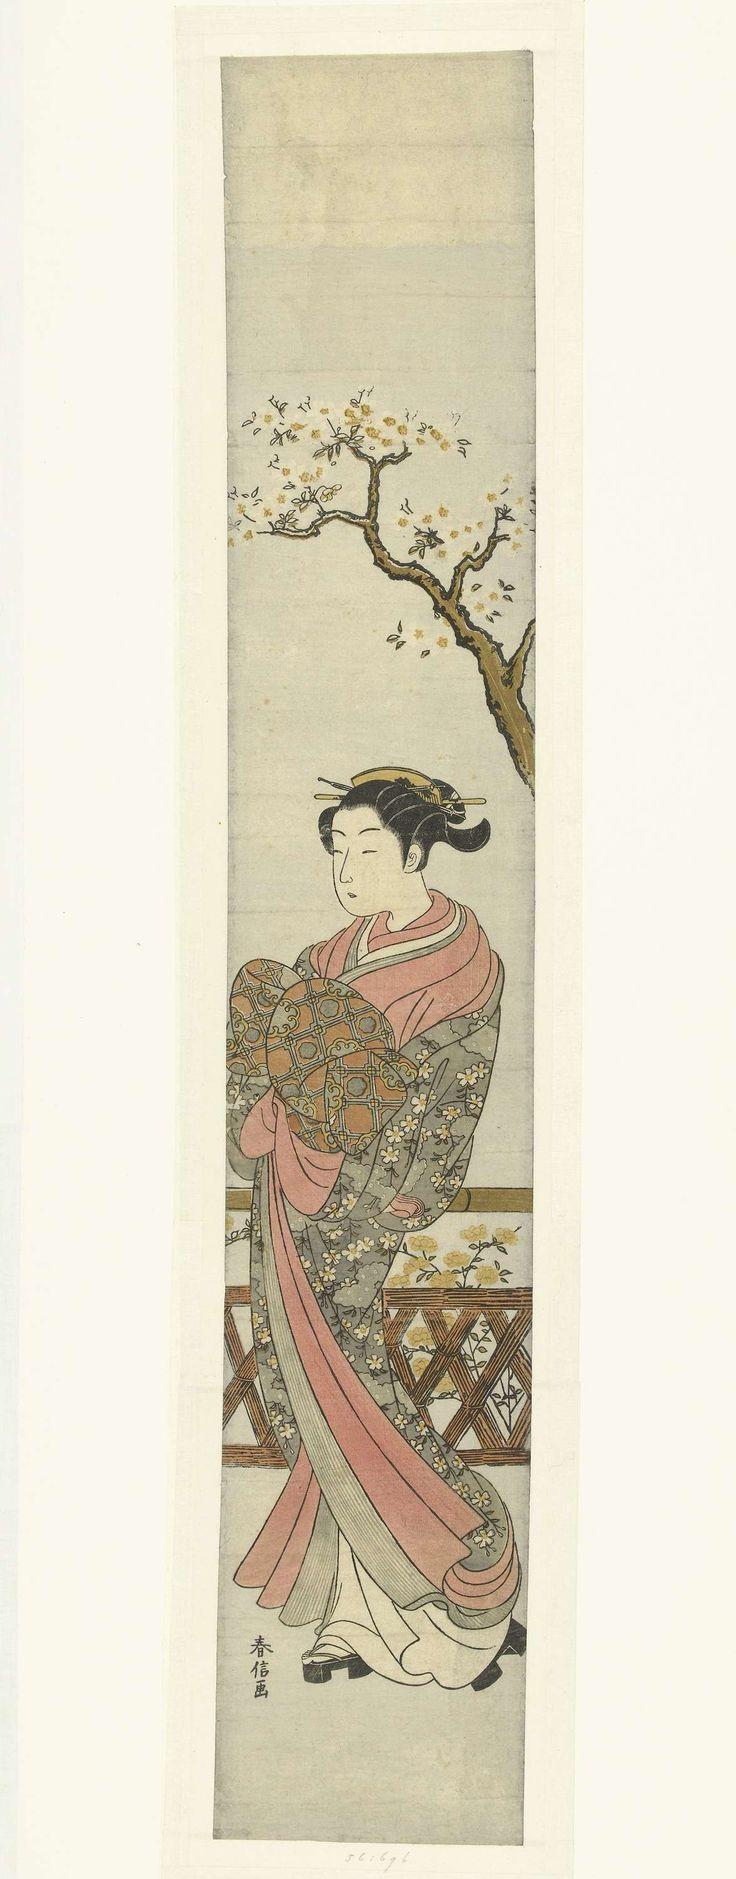 Suzuki Harunobu   Courtisane onder bloesemende boom, Suzuki Harunobu, 1765 - 1770   Courtisane in kimono met patroon van witte bloemetjes, paraderend onder bloesemende boom; bij hekje waarachter gele bloemen.